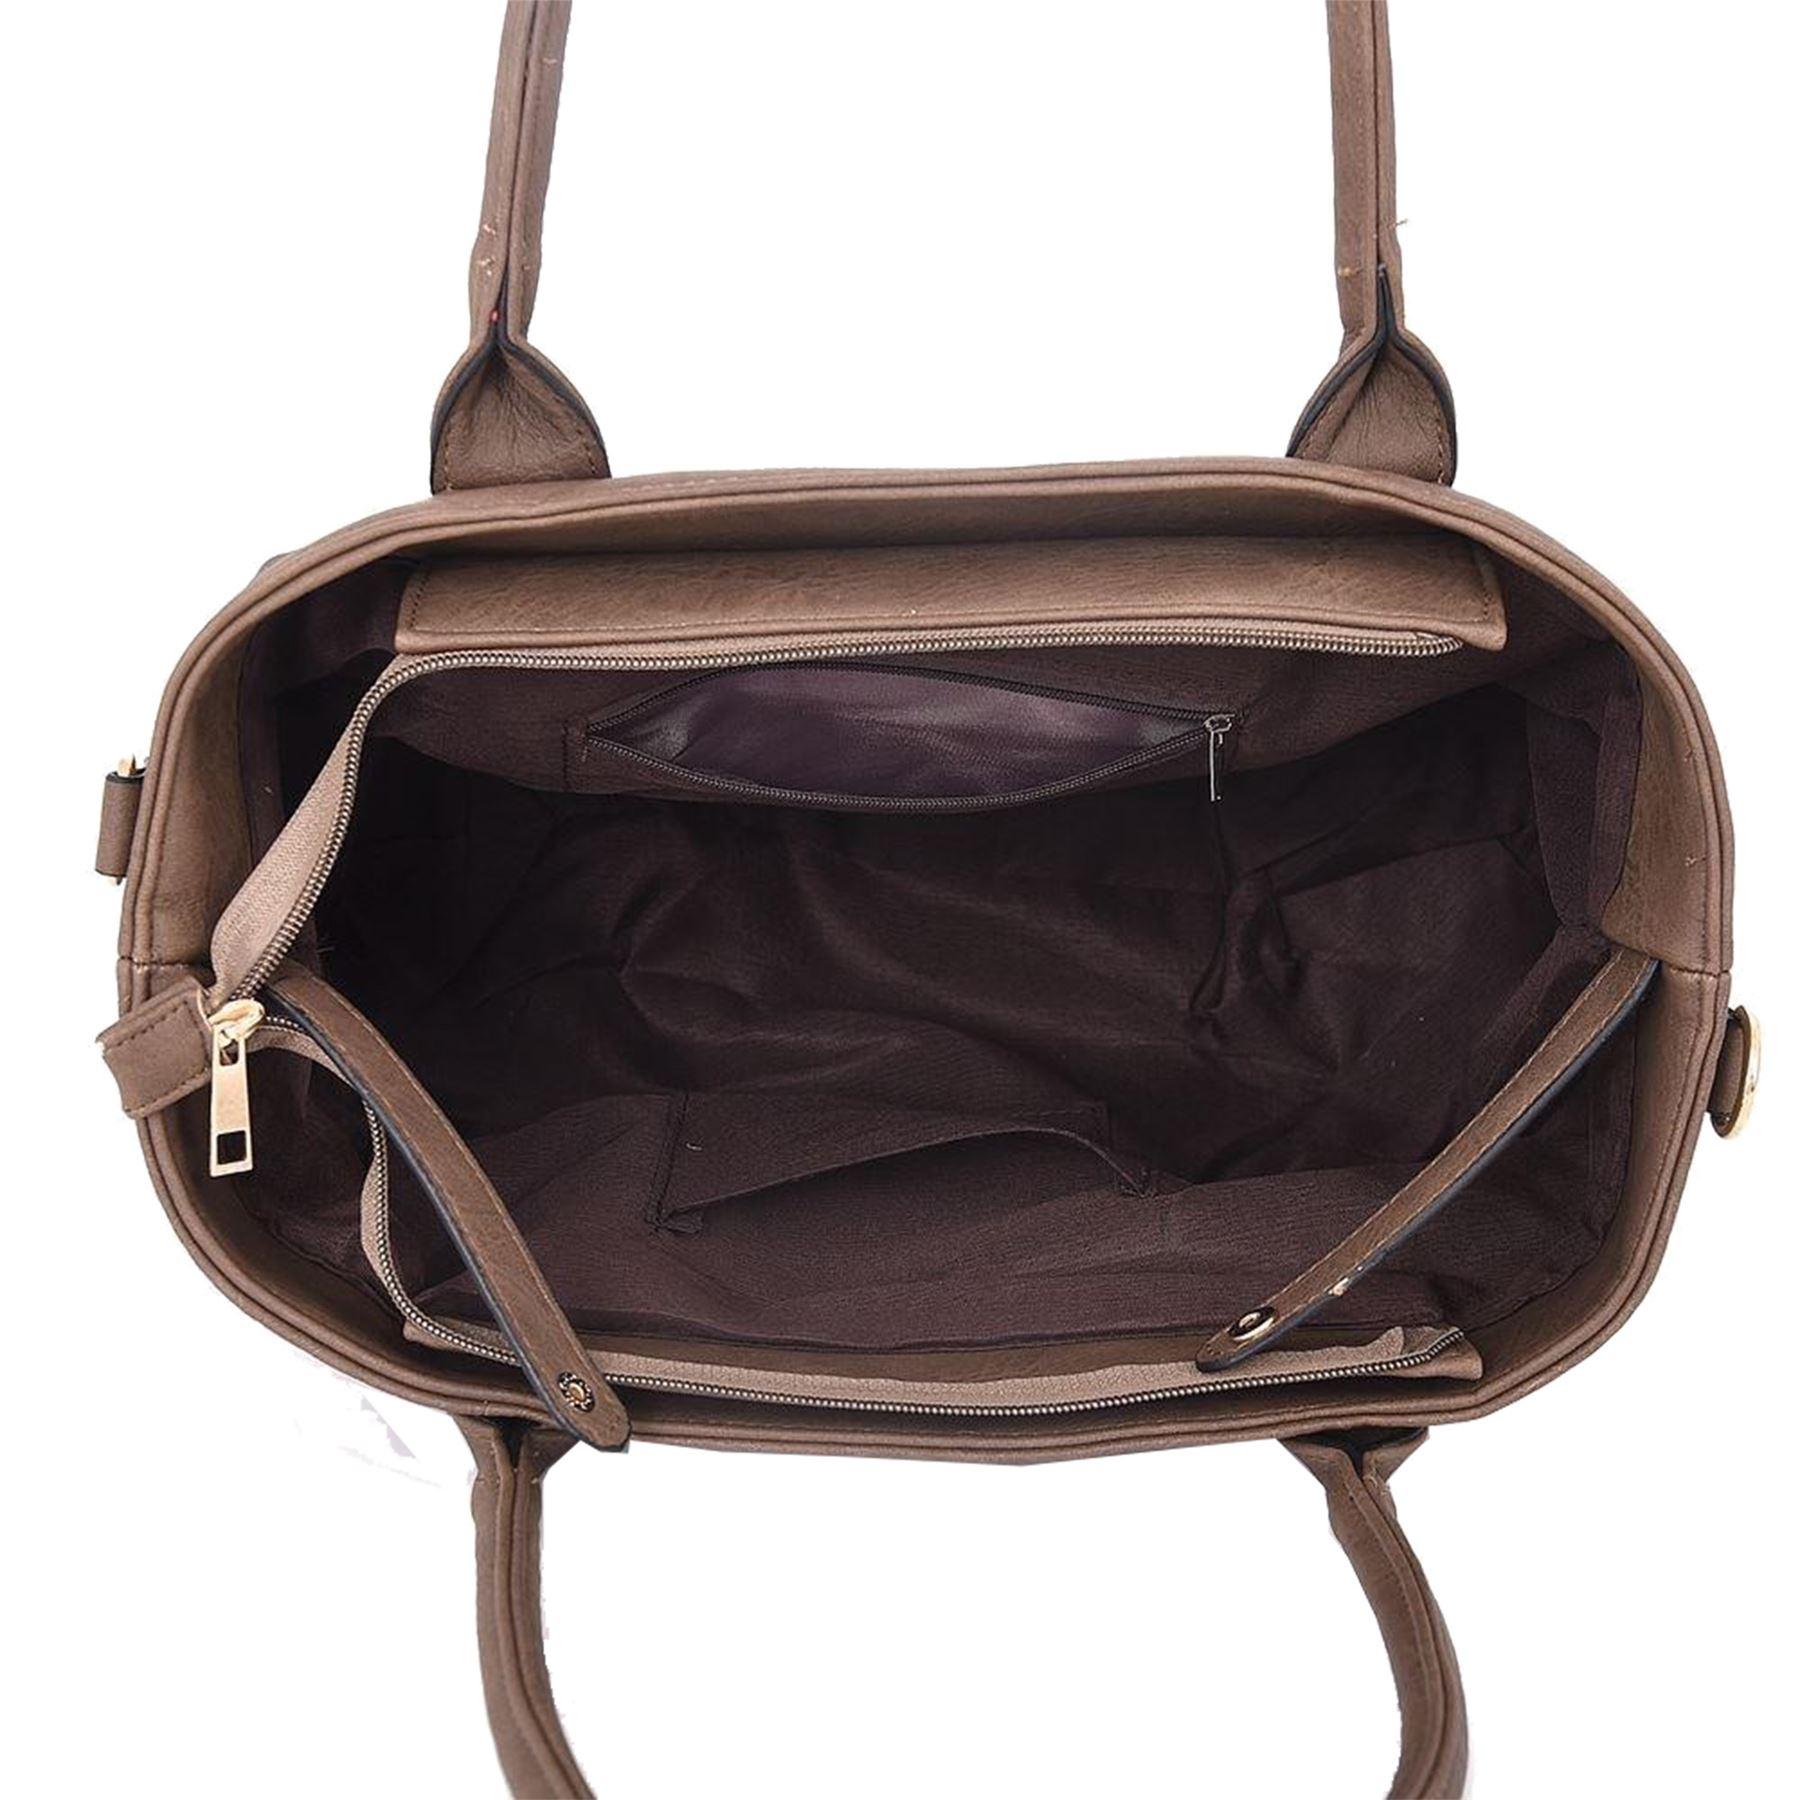 New Women's Plain Flower Design Faux Leather Detachable Strap Tote bag